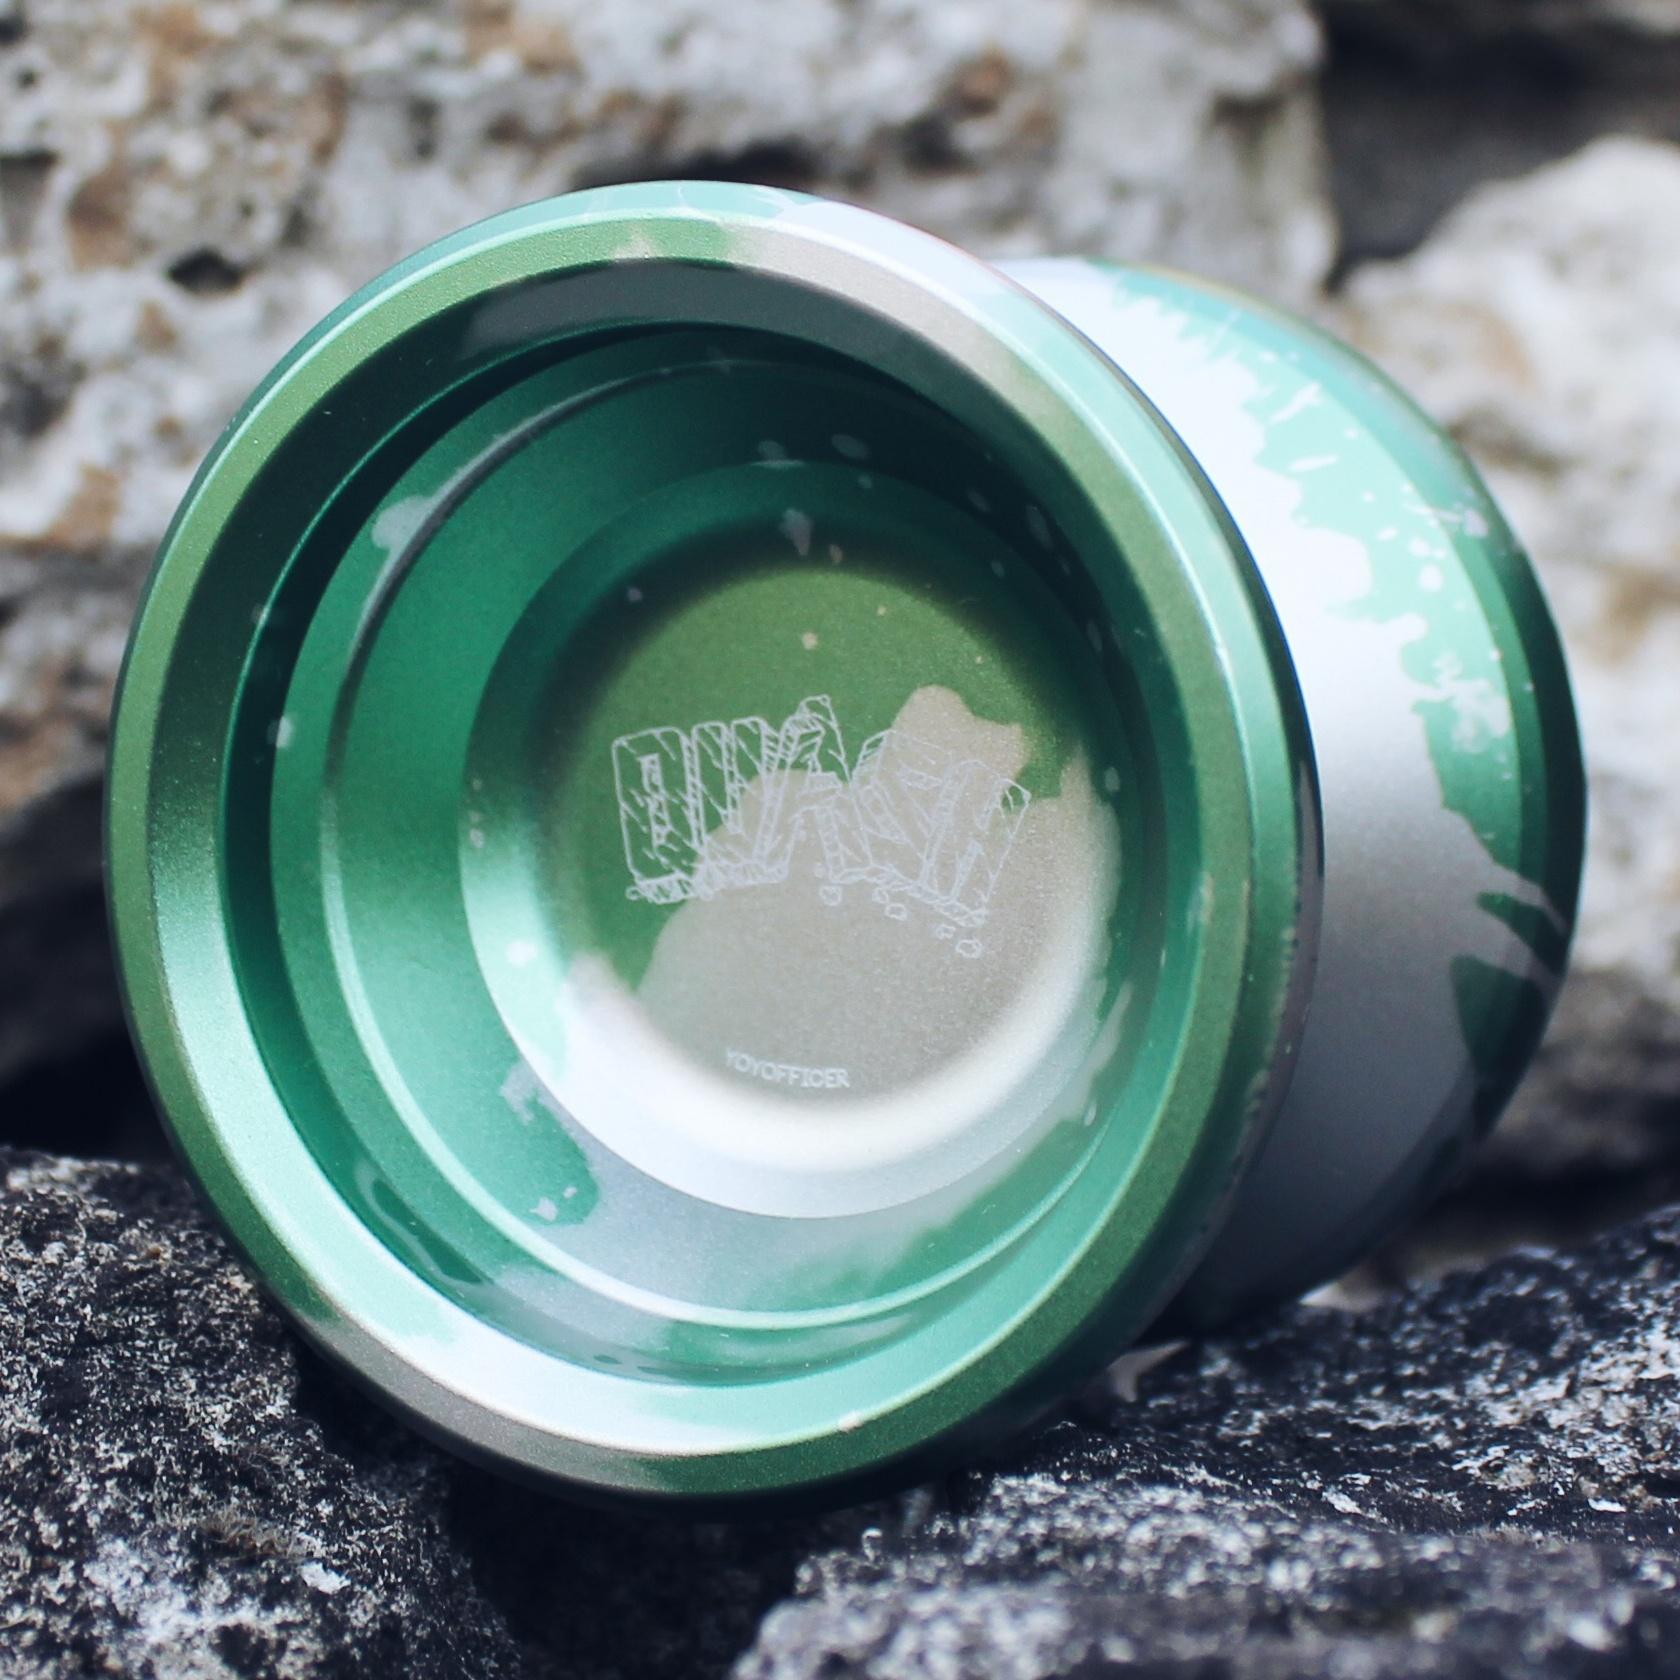 Yoyofficer Quash - Green / Silver